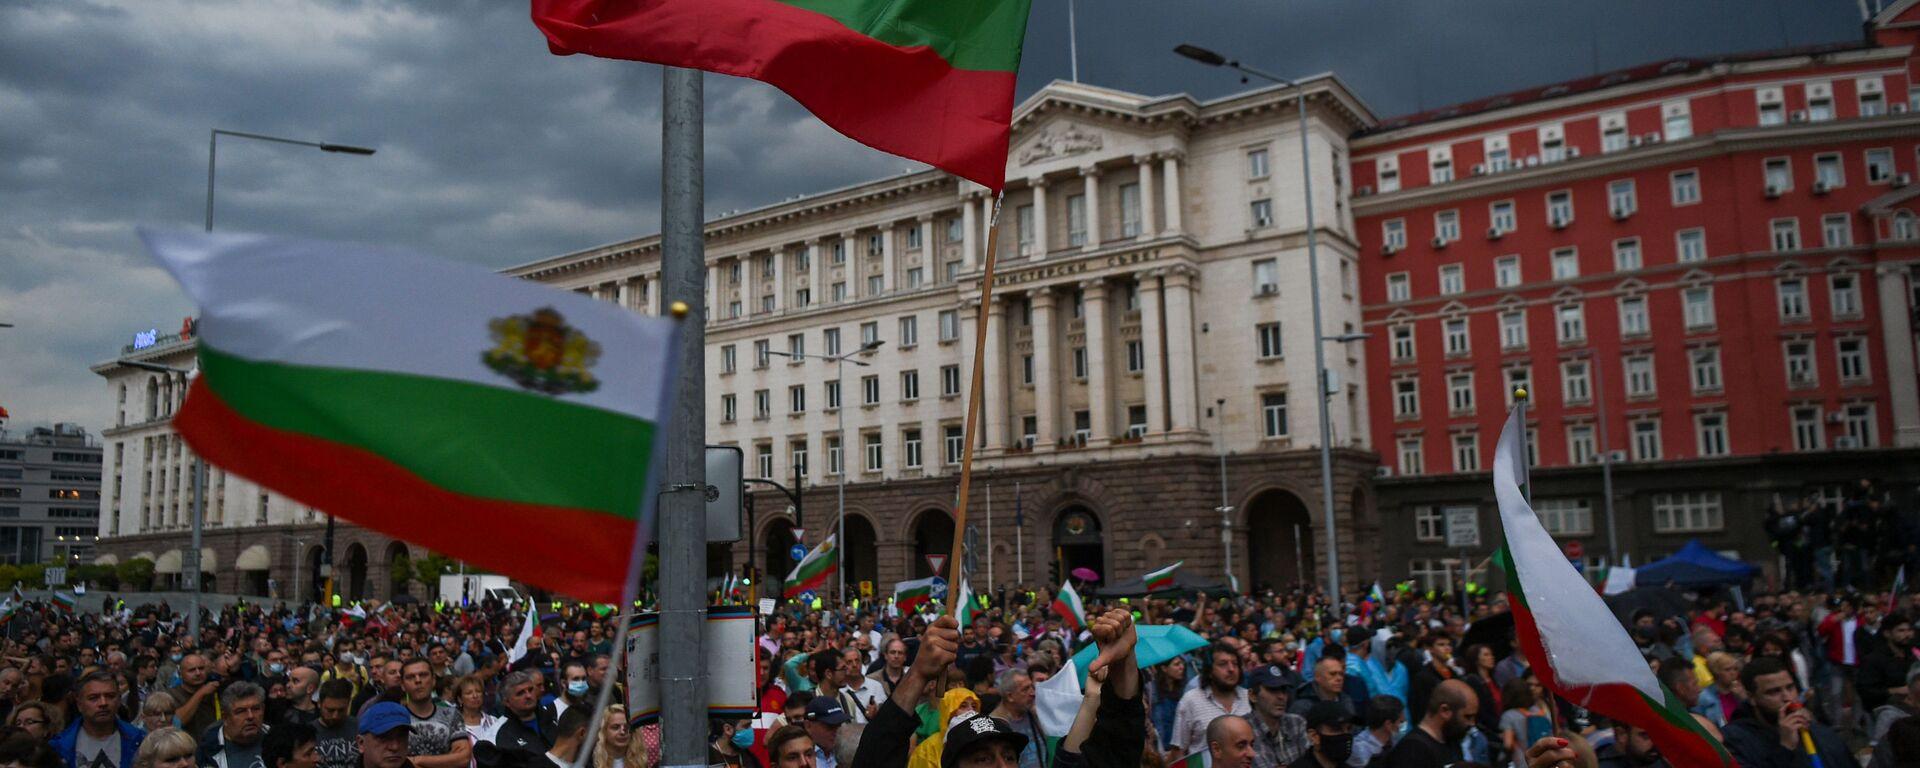 Antyrządowe protesty w Sofii. Bułgaria - Sputnik Polska, 1920, 12.07.2021